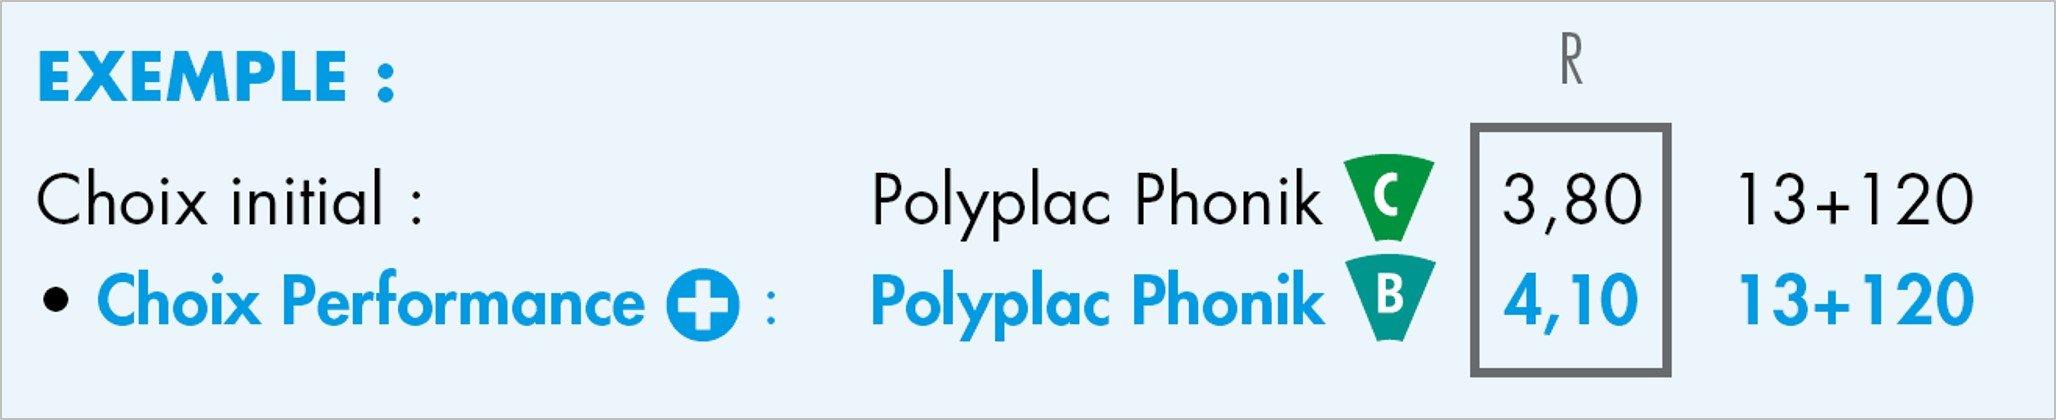 Knauf Polyplac phonik - CONSOMMATION D'ÉNERGIE 2